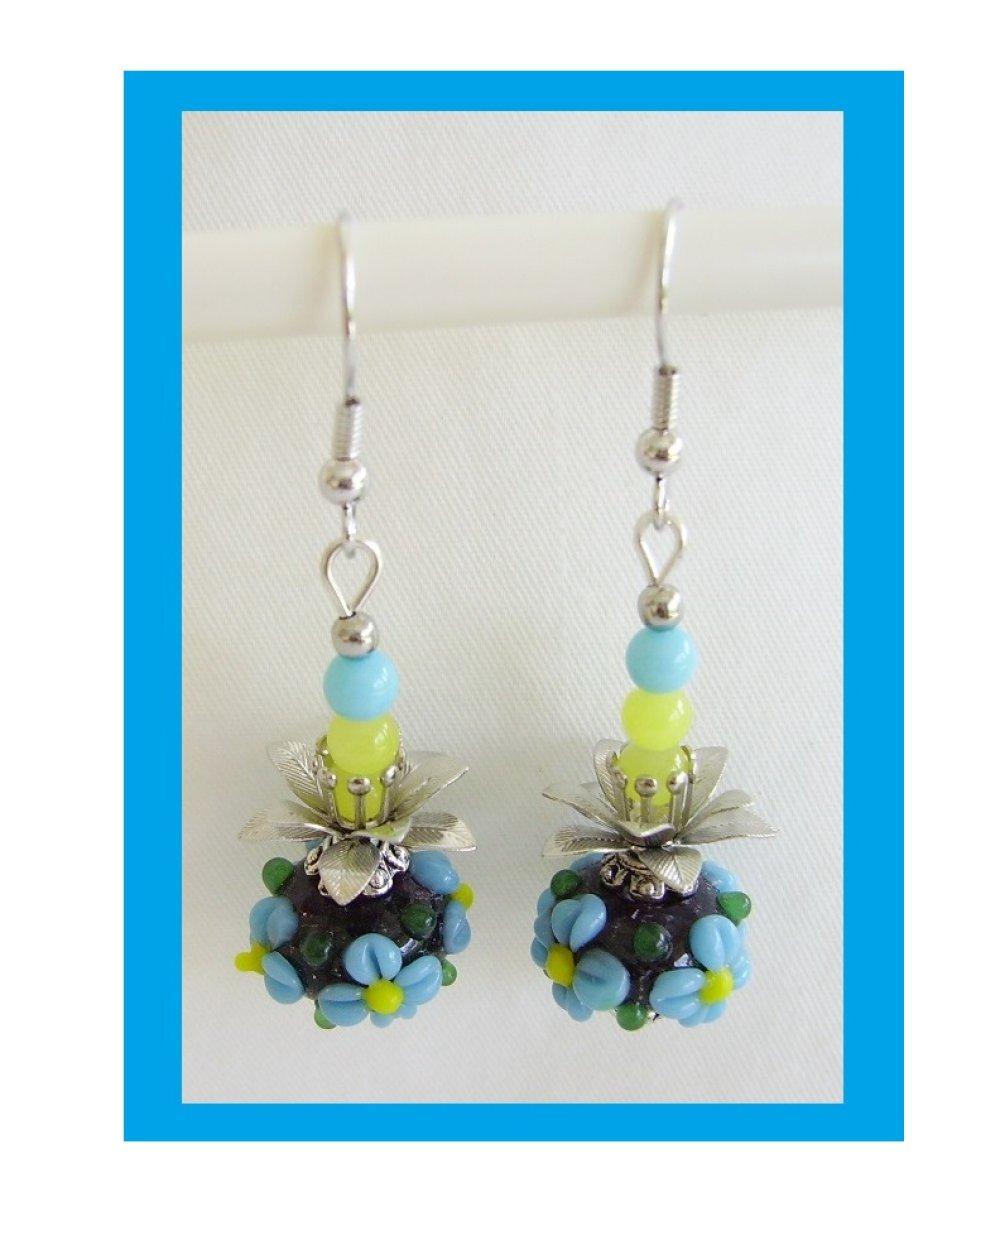 Boucles d'oreilles,perle verre lampwork,bleu,noir,jaune,métal argenté